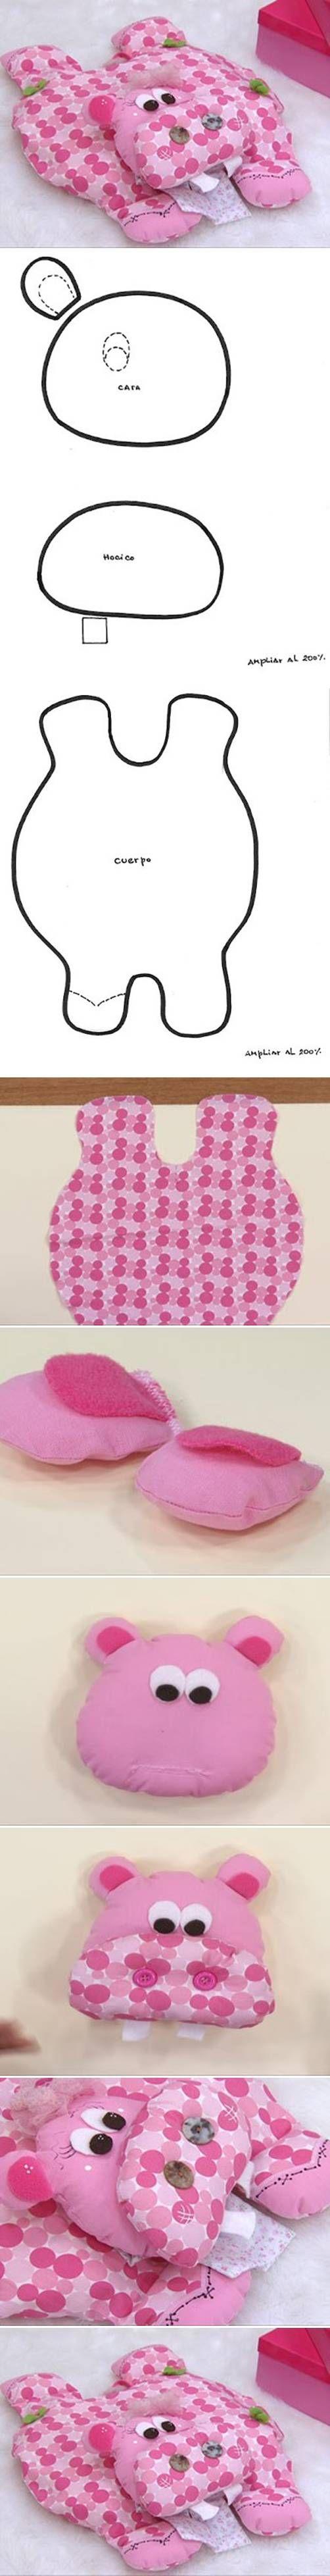 DIY Hippo Pillow